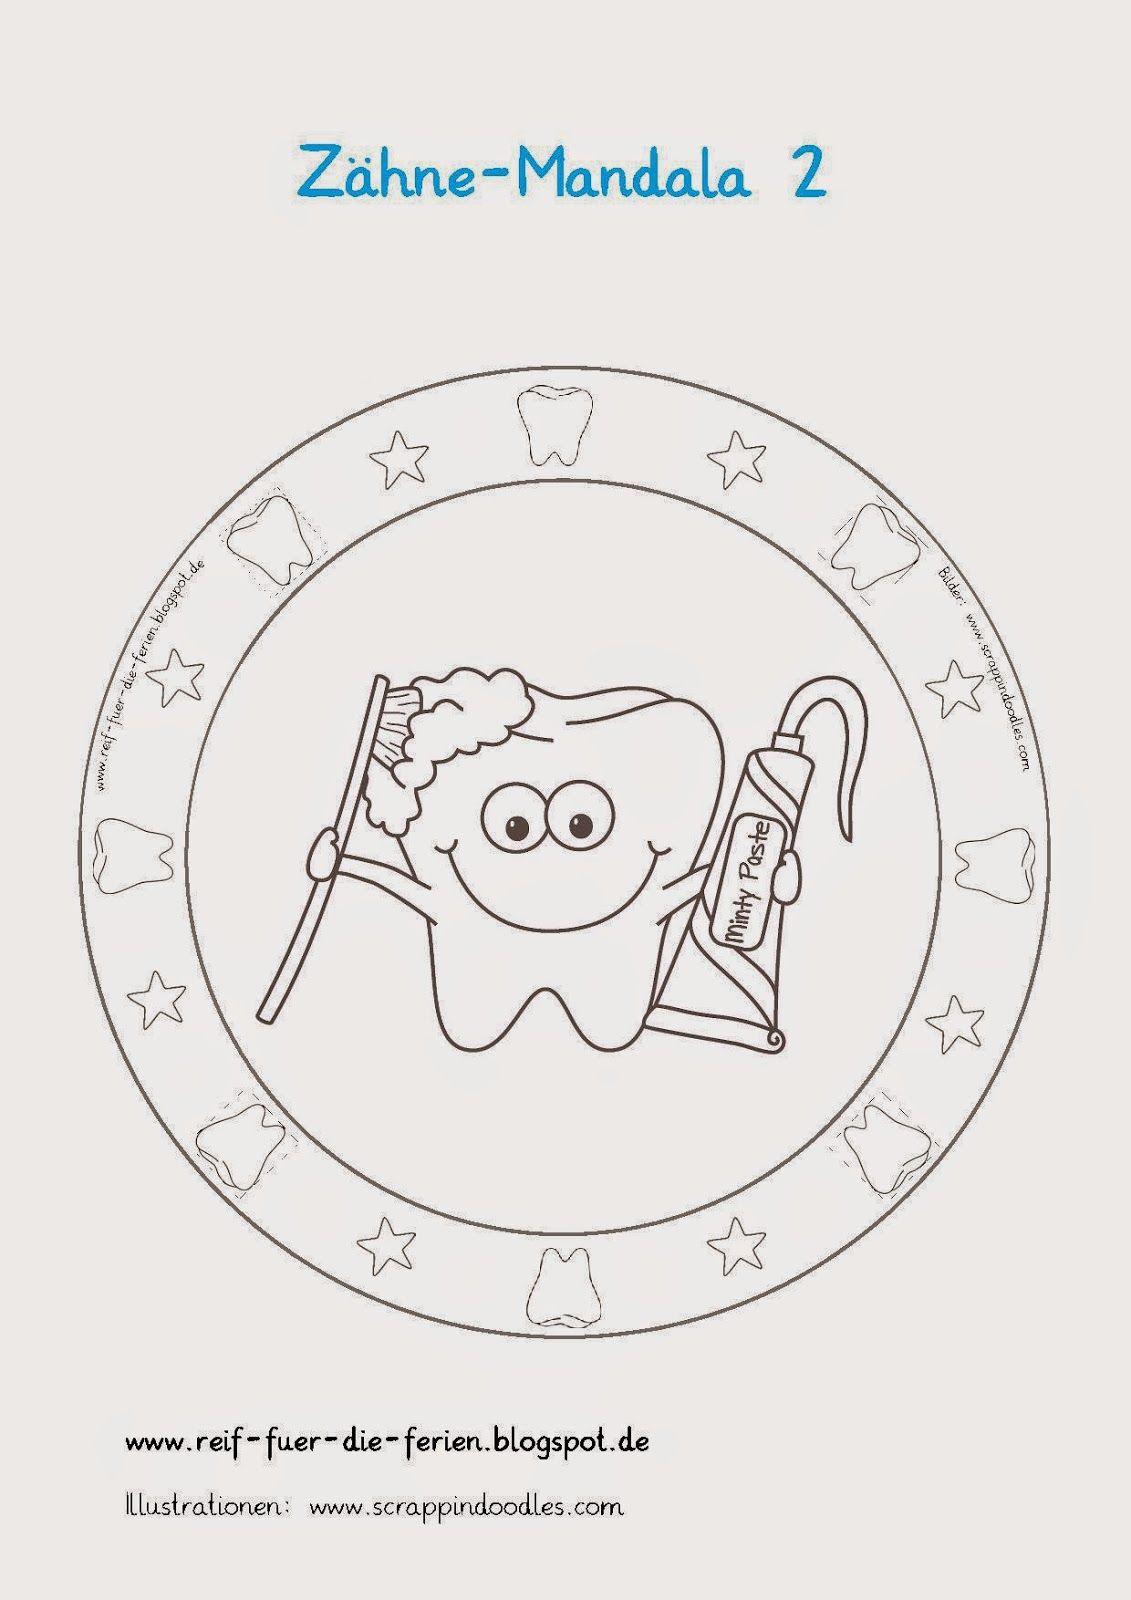 Zähne-Mandalas | Material 1. Klasse | Pinterest | Zahn, Schule und ...